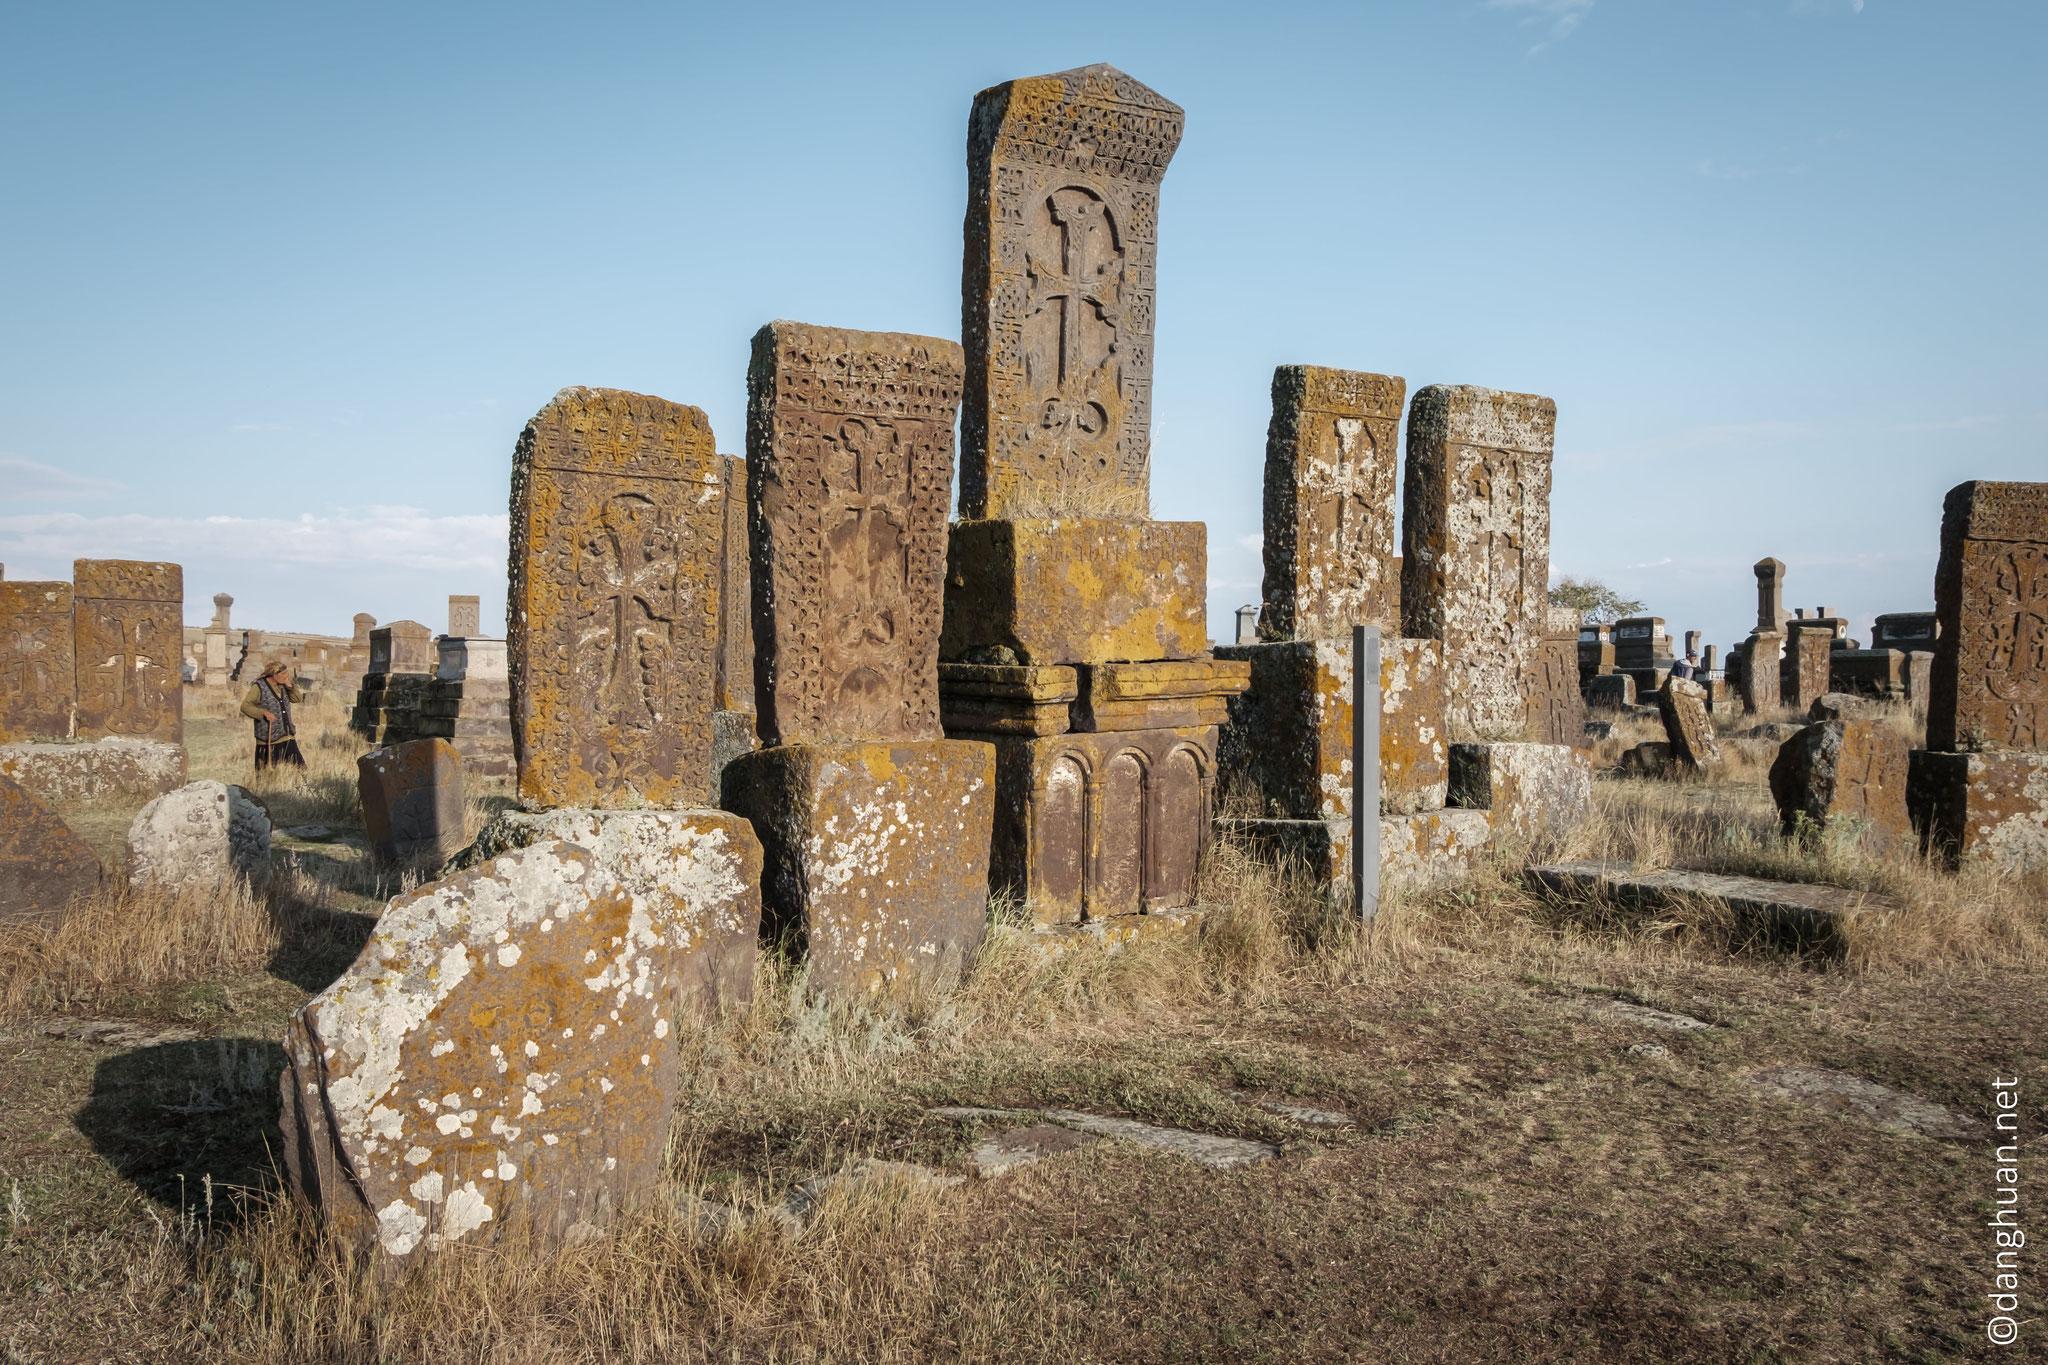 ... les fait comparer aux 'dentelles de pierres' ou les khatchkars 'brodés', appelés ainsi en hommage ...